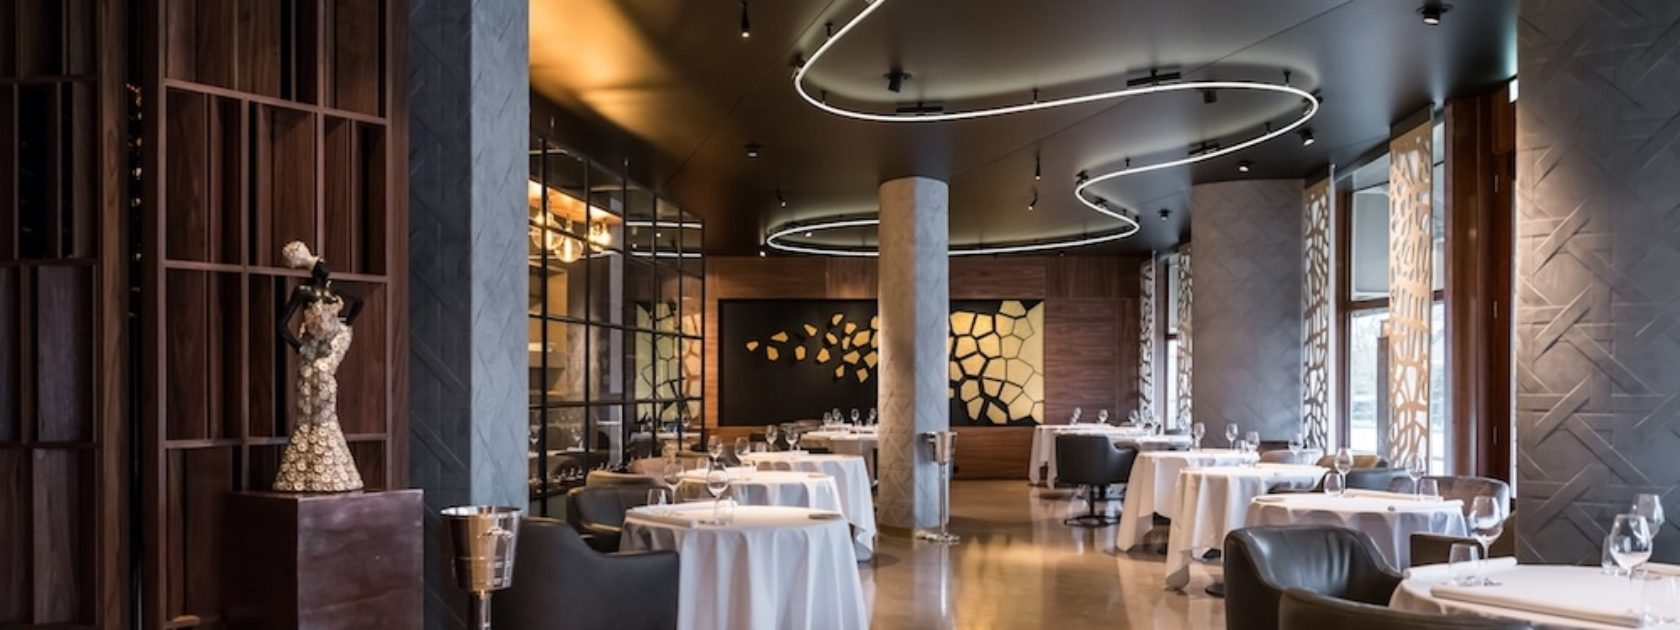 Restaurant Fred werd bekroond met één Michelinster in 2010 en ontving een tweede ster in 2014. De chef baseert zijn kookstijl op de klassieke Franse keuken terwijl hij zijn eigen draai toevoegt. Een van Rotterdams beste restaurants!